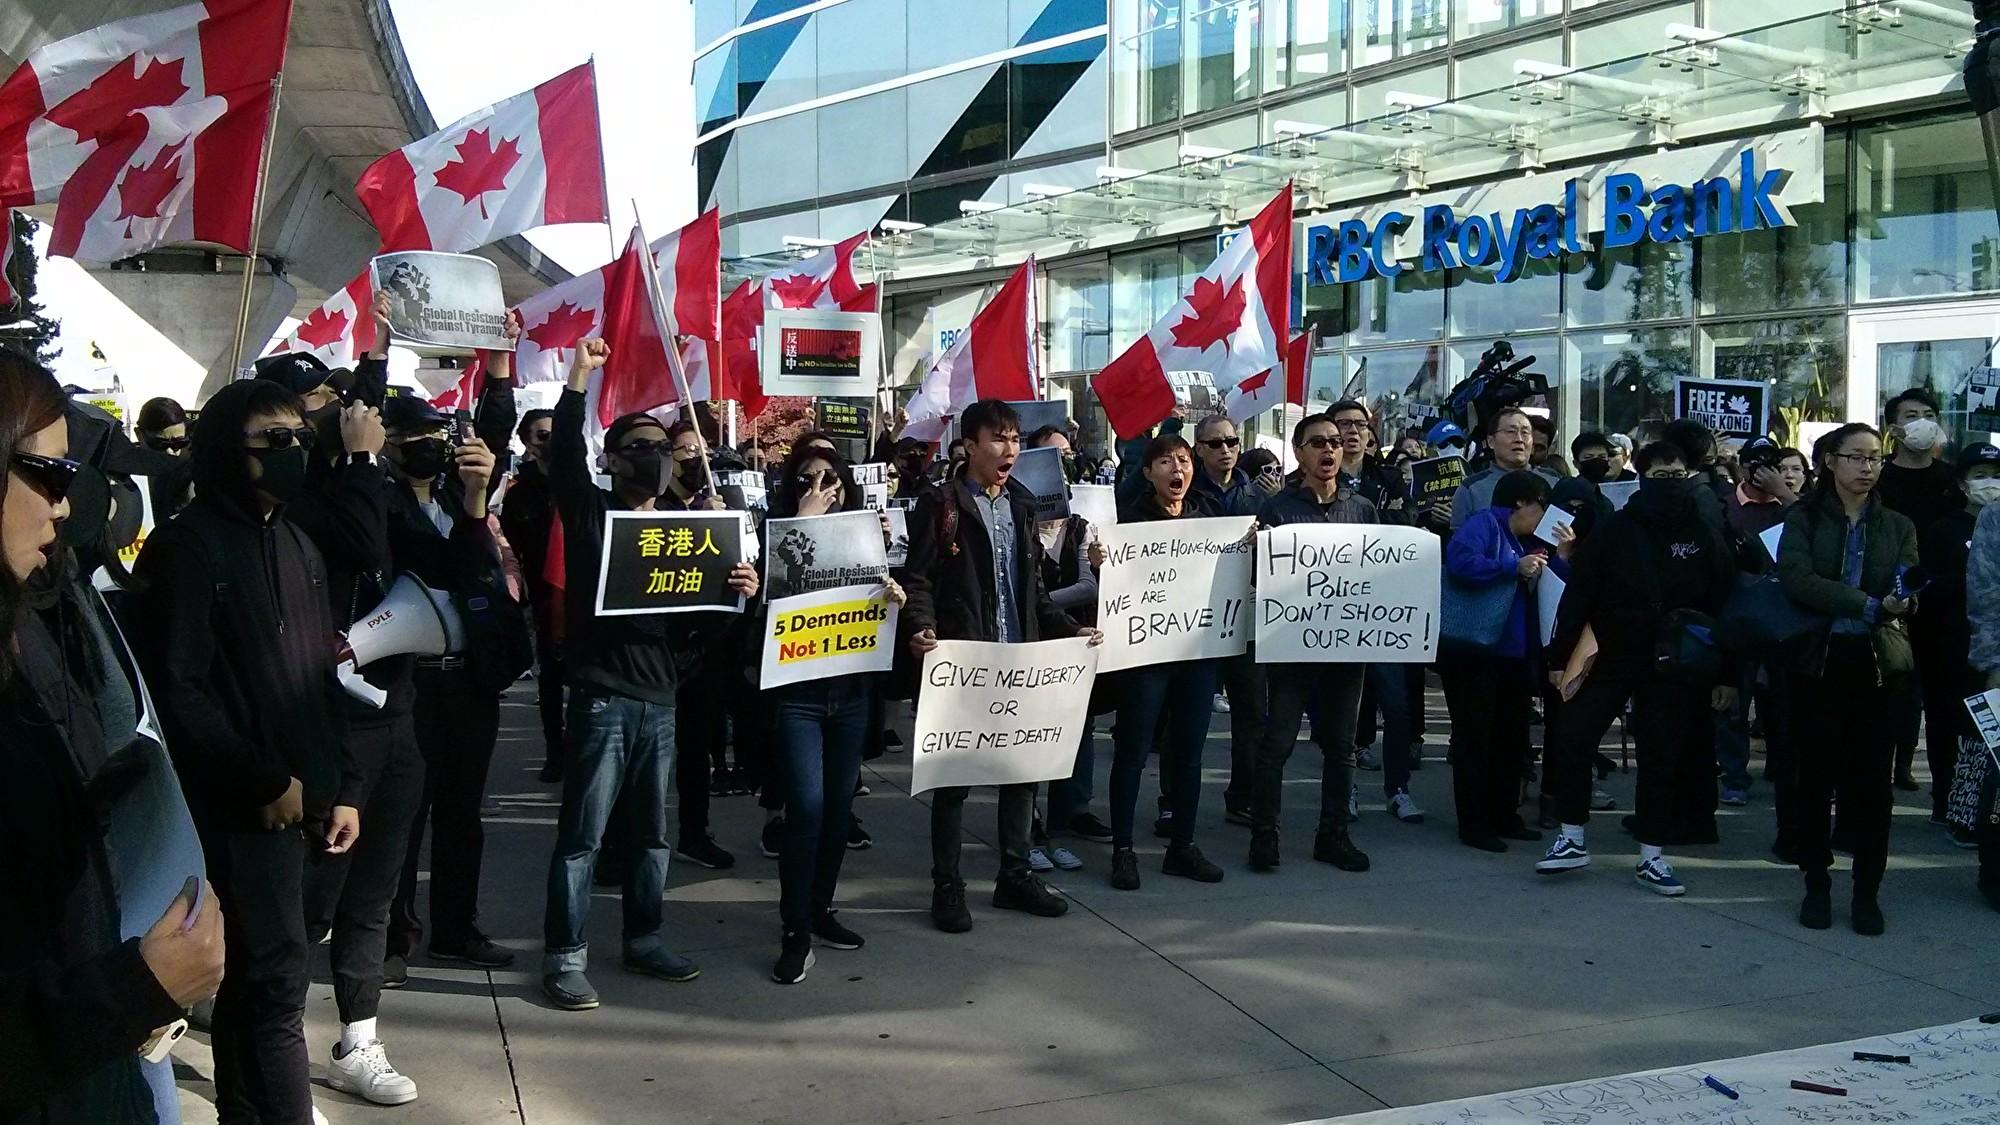 2019年10月5日,500人在溫哥華地區列治文市Aberdeen車站集會,譴責香港政府出台《禁蒙面法》。(李樂/大紀元)